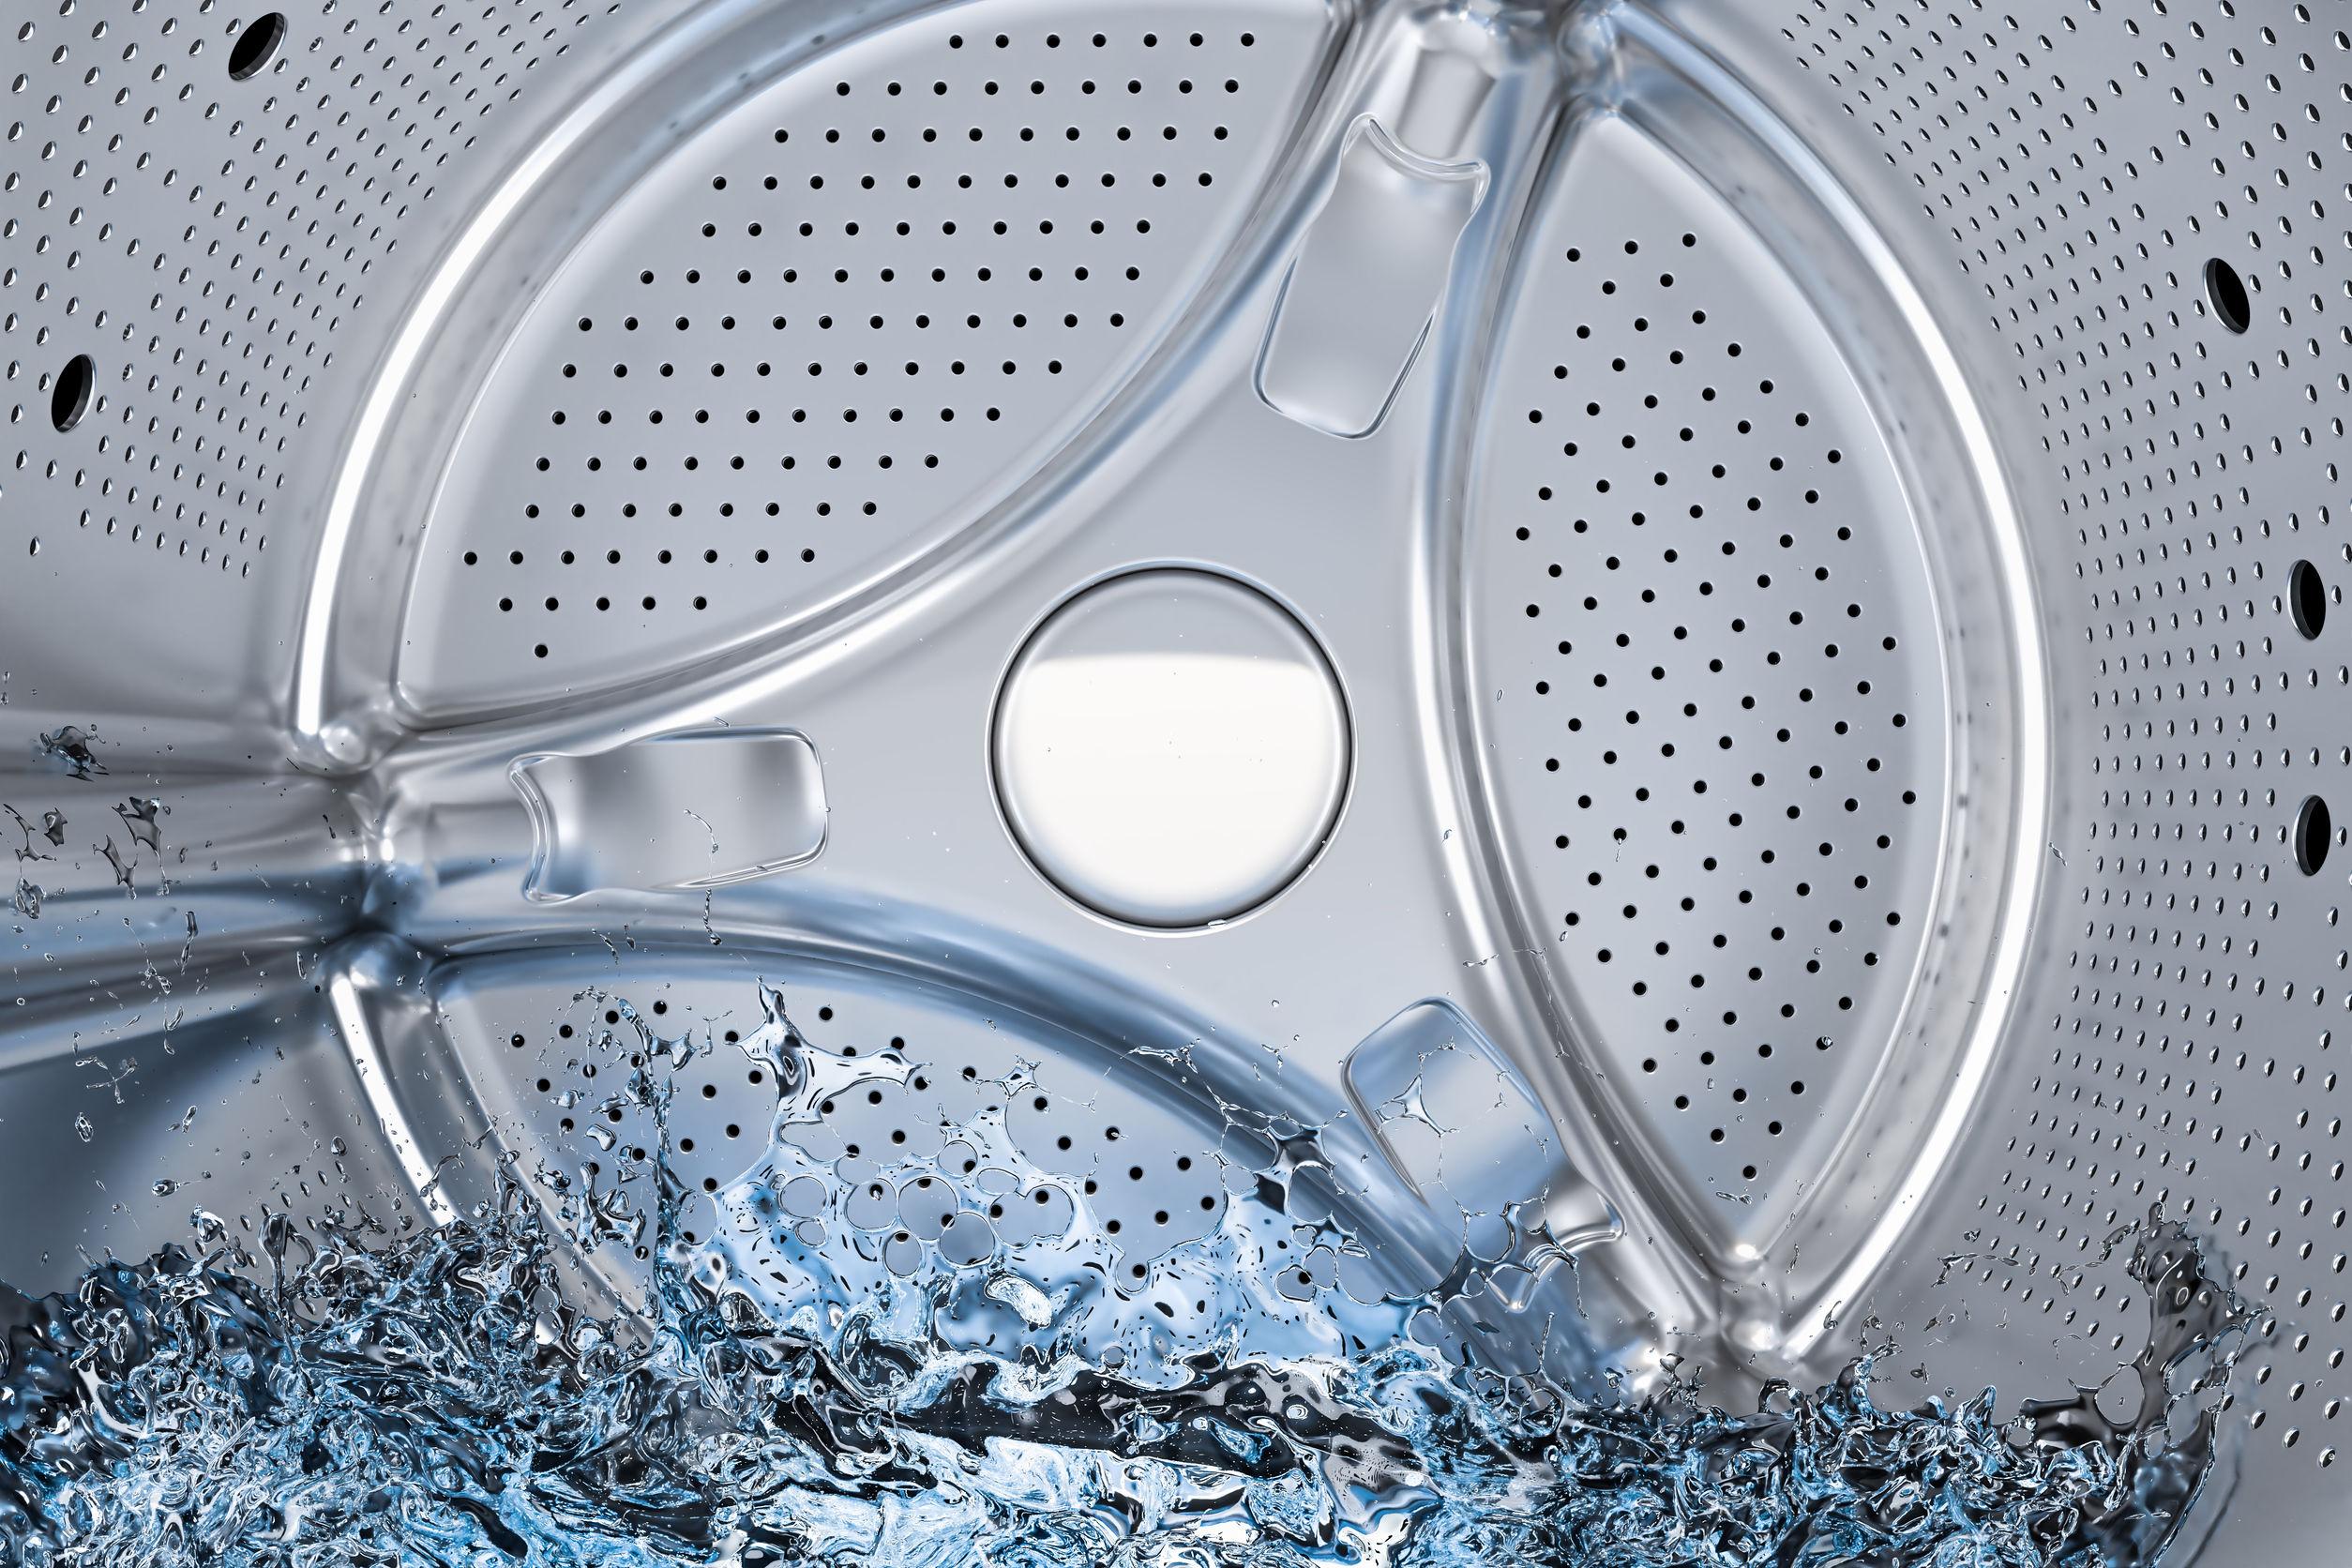 AEG Wärmepumpentrockner: Test & Empfehlungen (08/21)